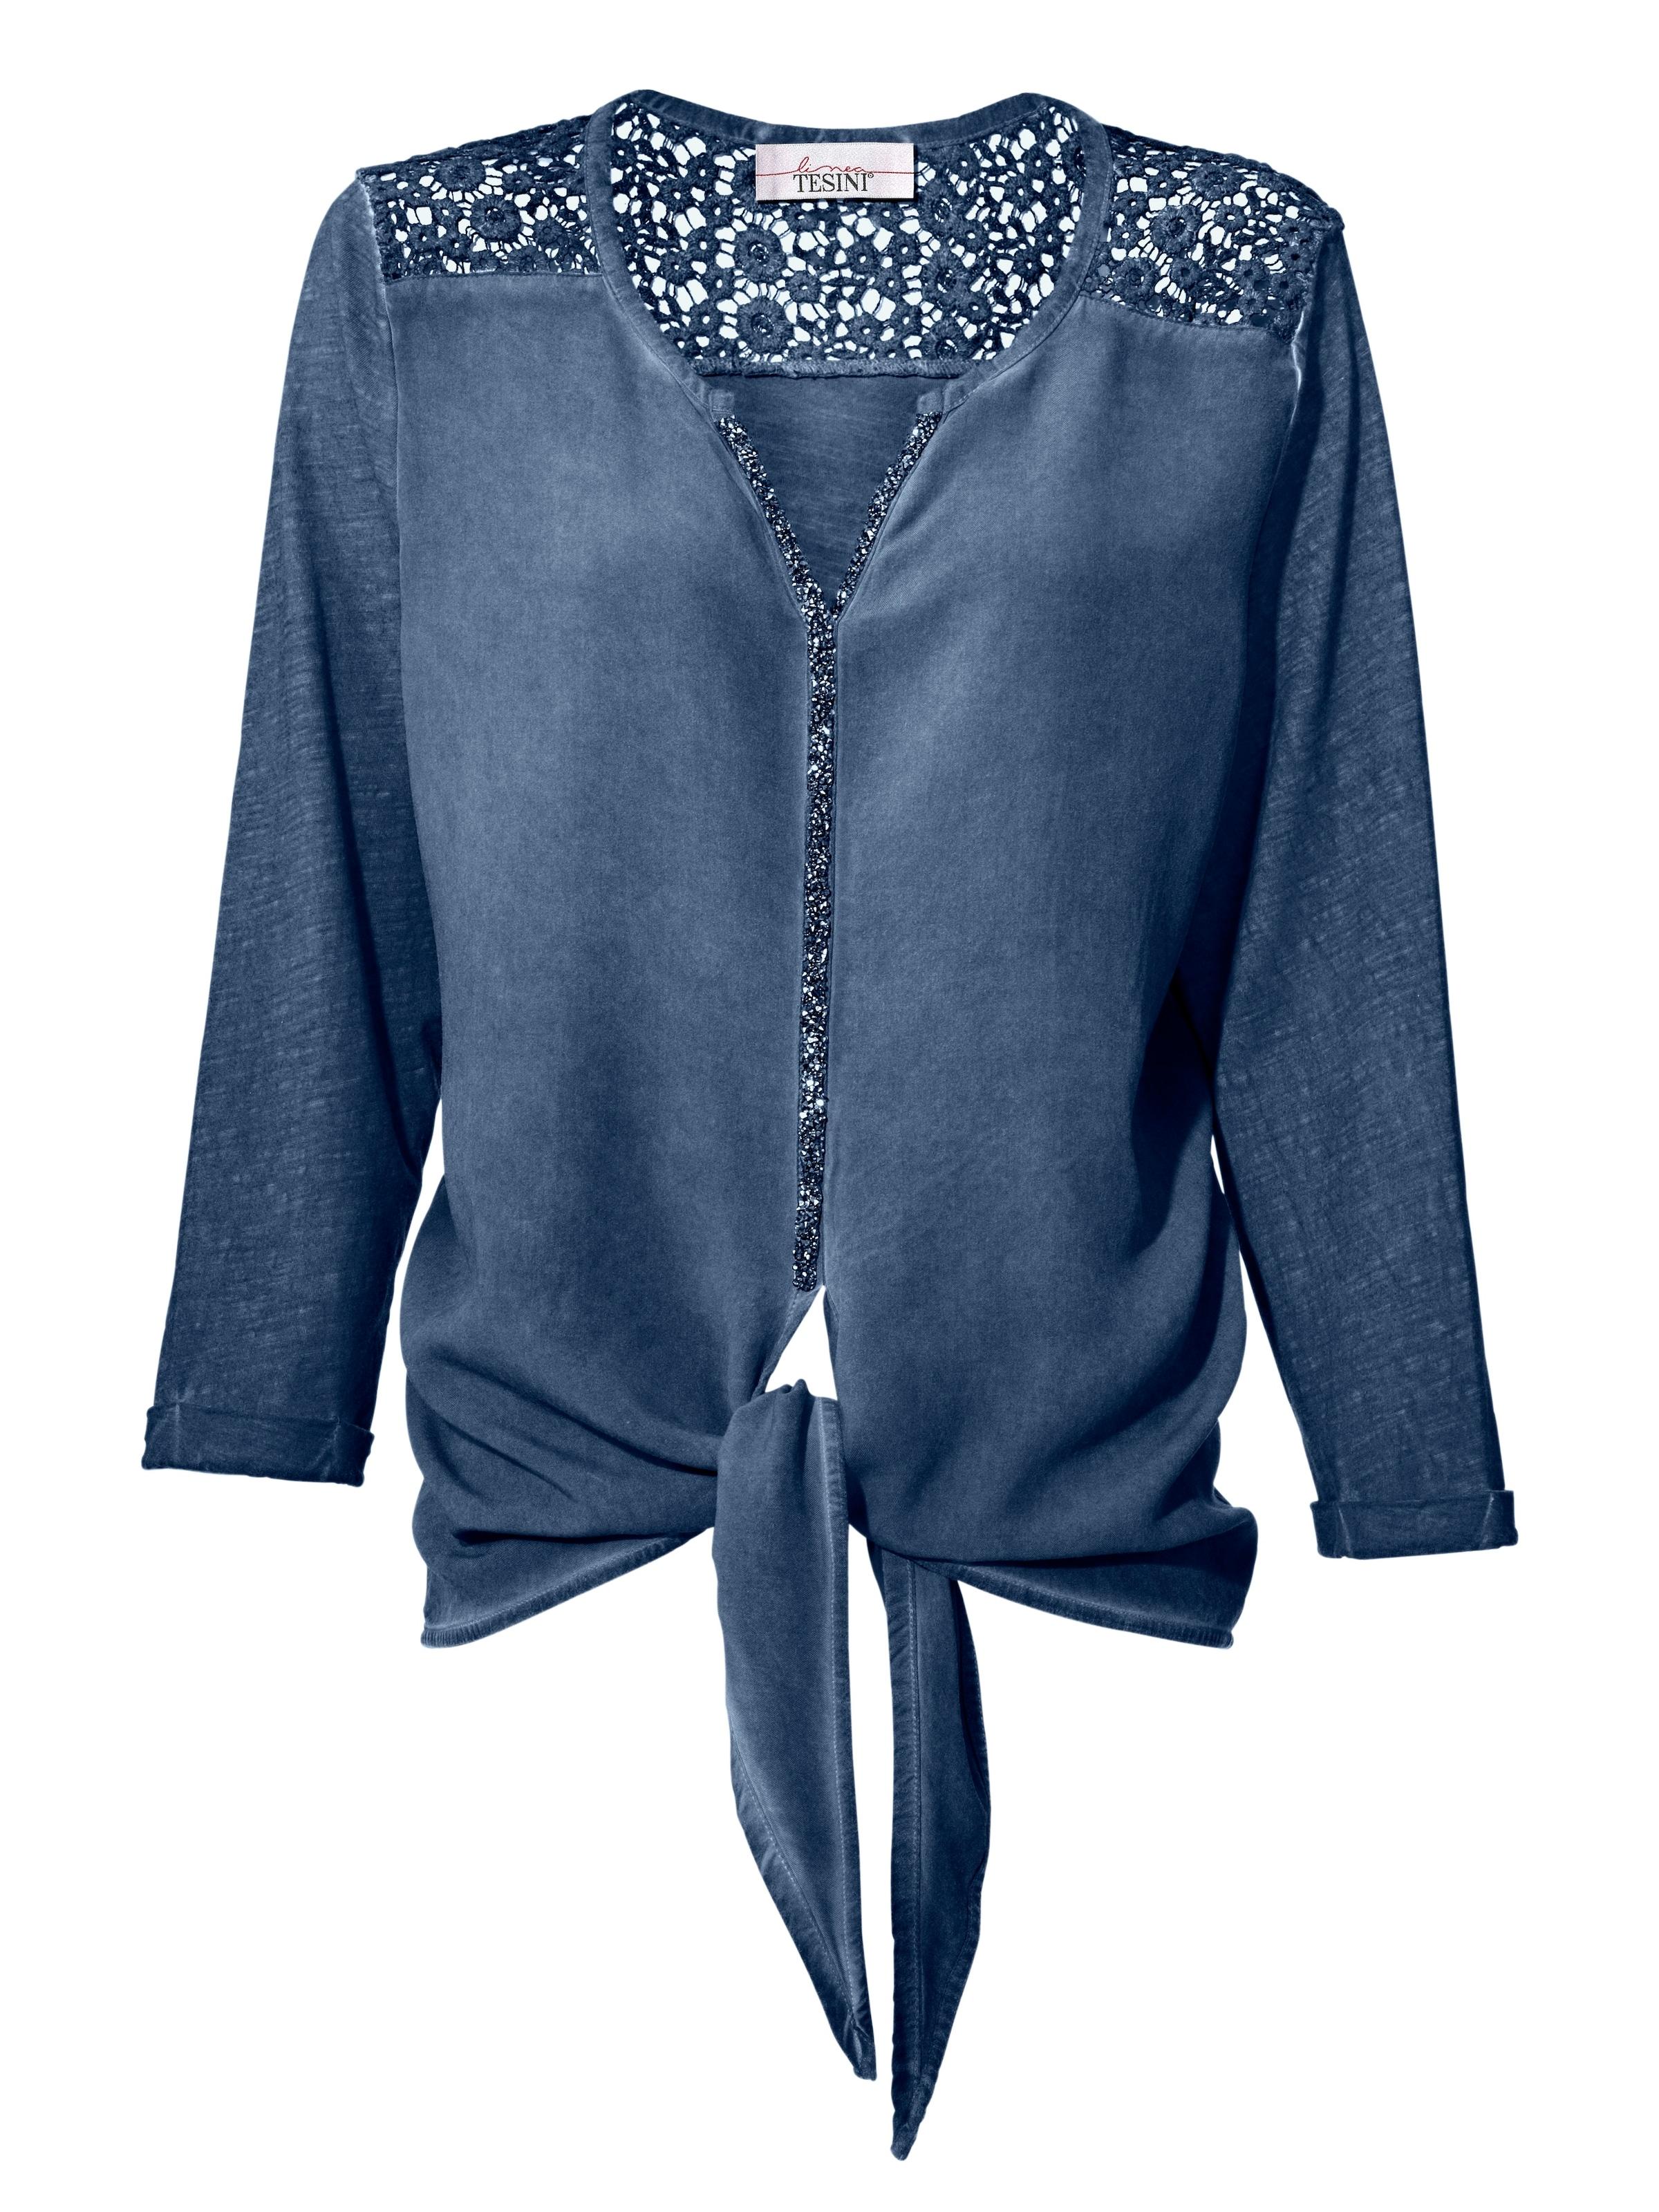 Ebay Auslass Aus Deutschland Linea Tesini by heine Blusenshirt mit Spitze kfAVCuDITg